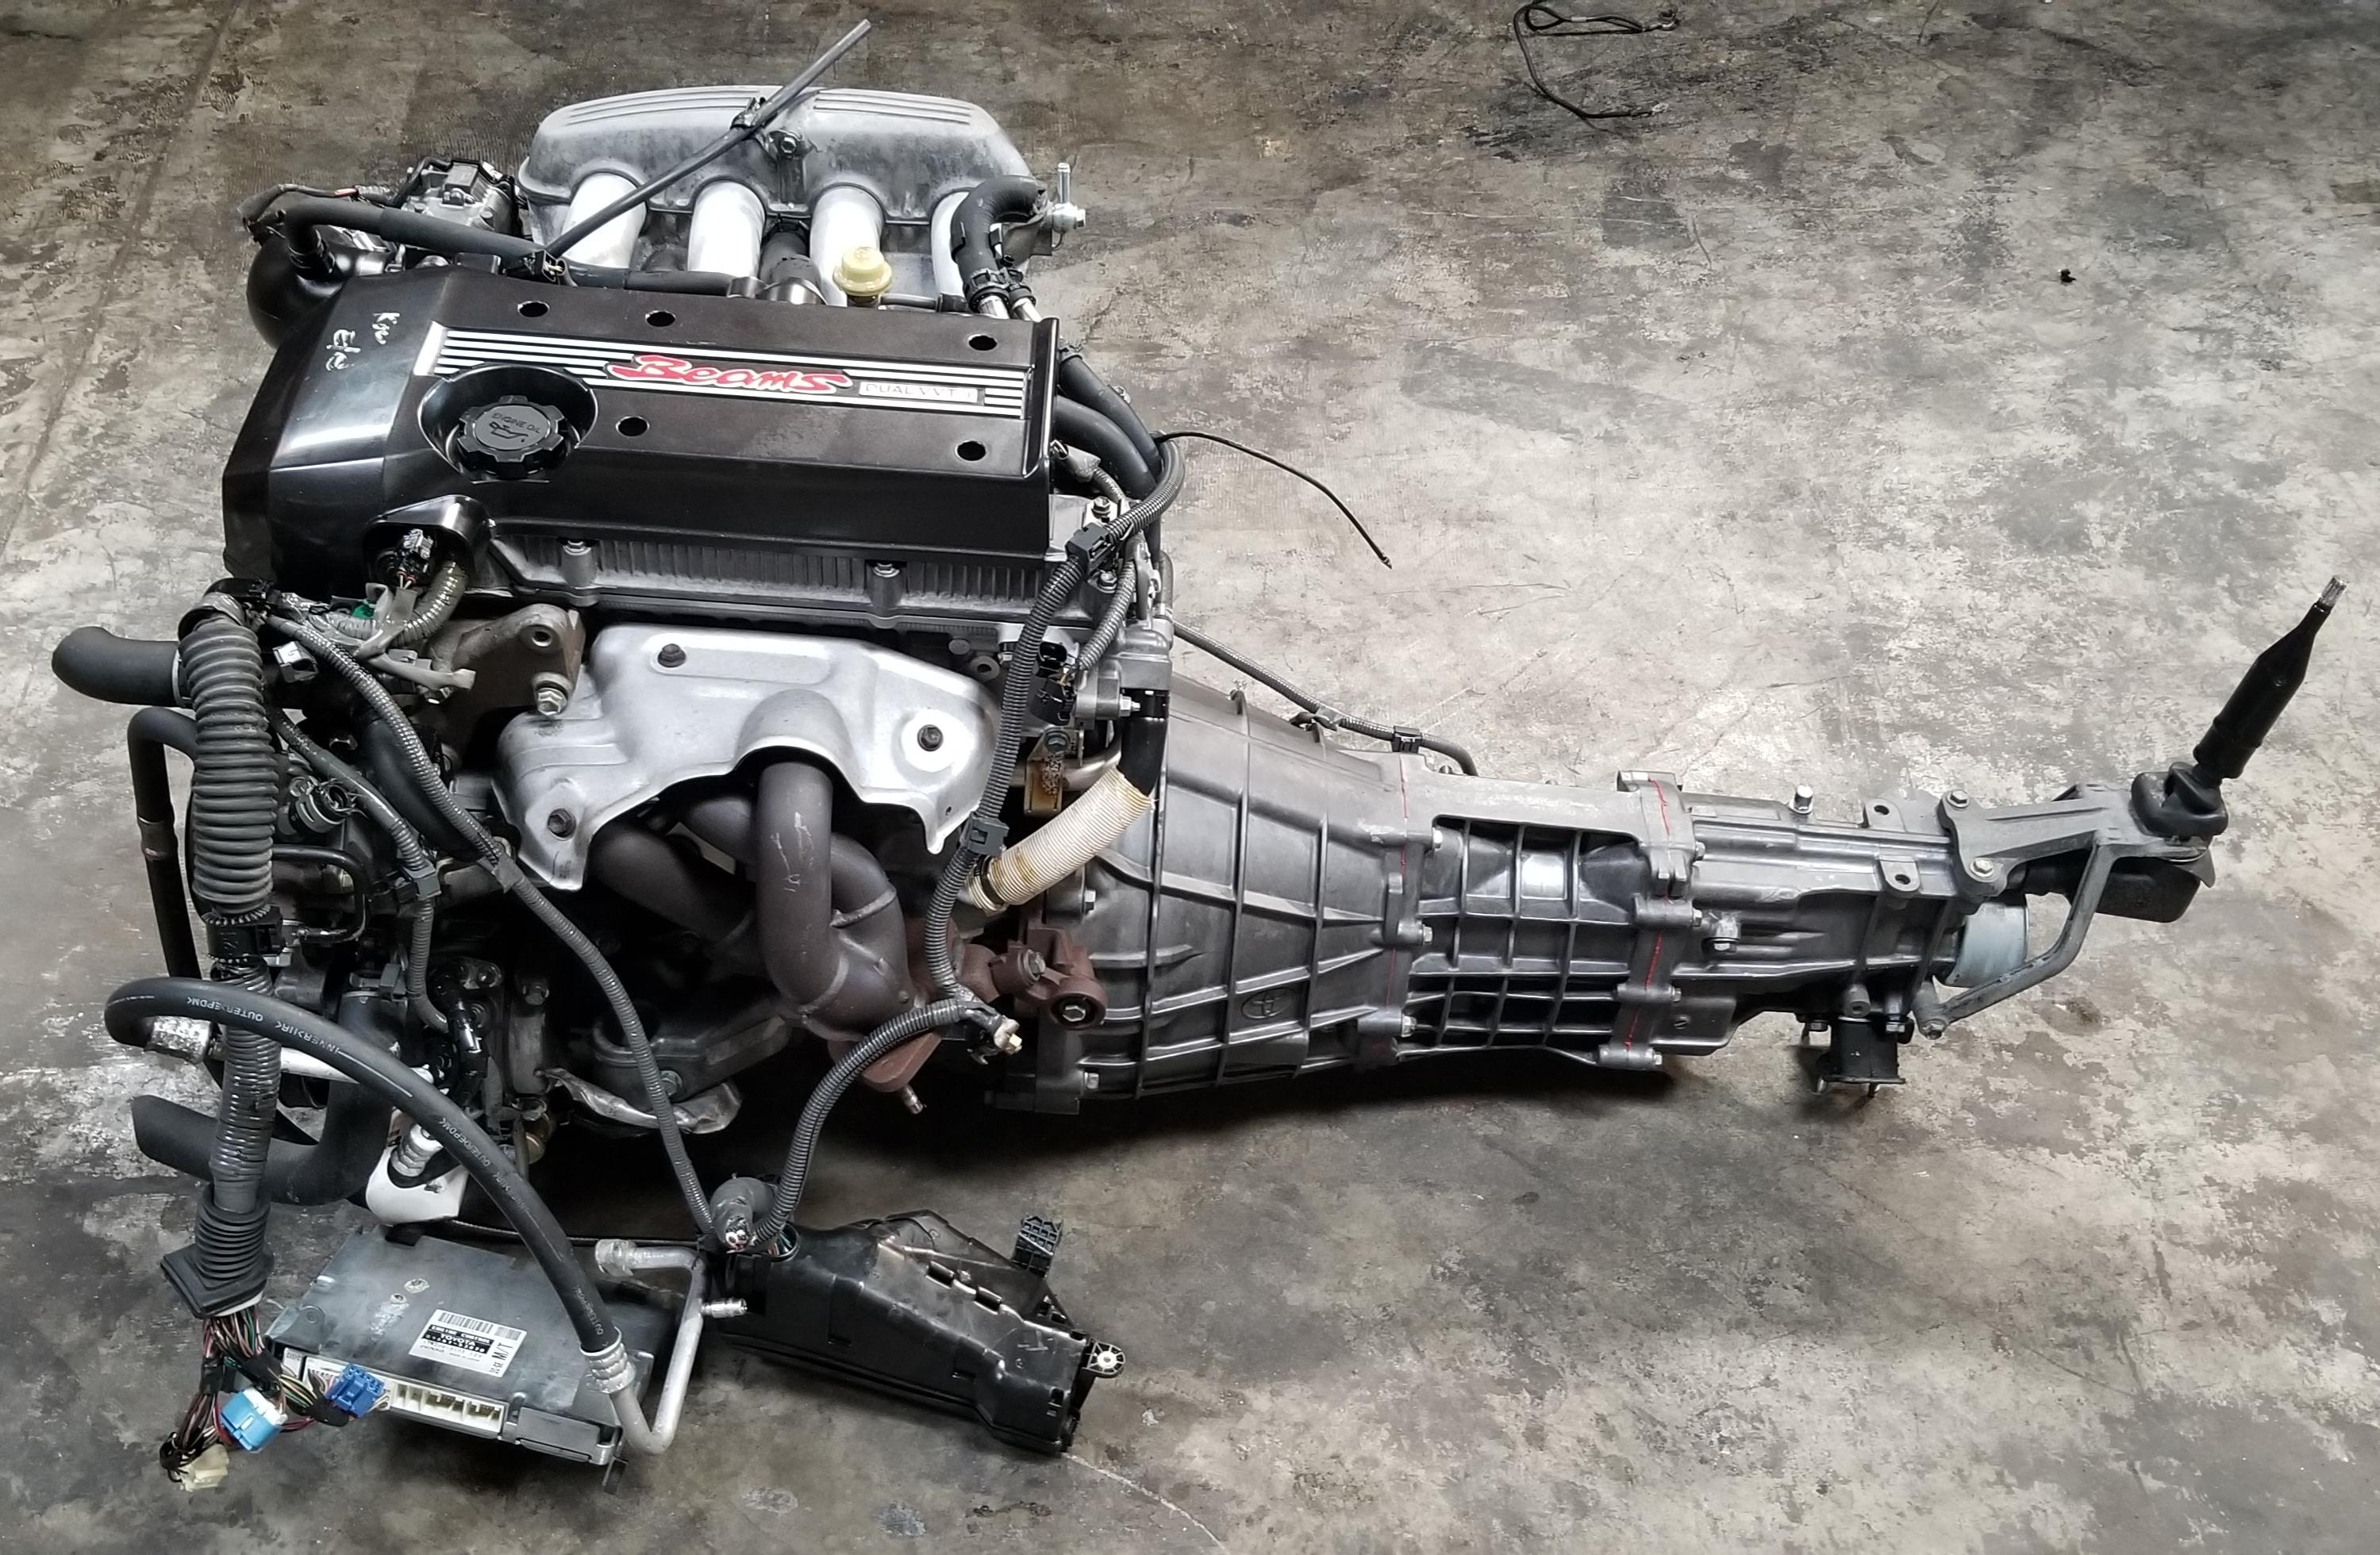 Nissan Chula Vista >> BEAMS 3SGE 2.0L Dual VVTi Engine with RWD 6 speed Manual